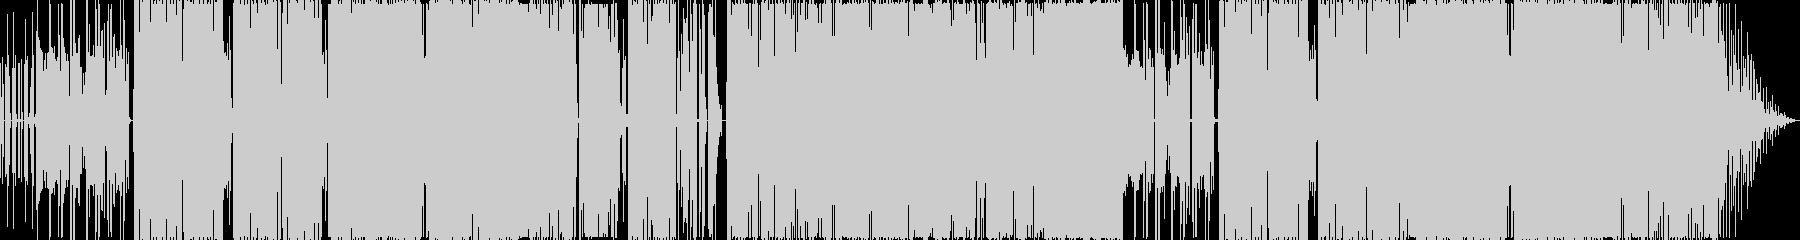 渋いテンポのファンクインストの未再生の波形